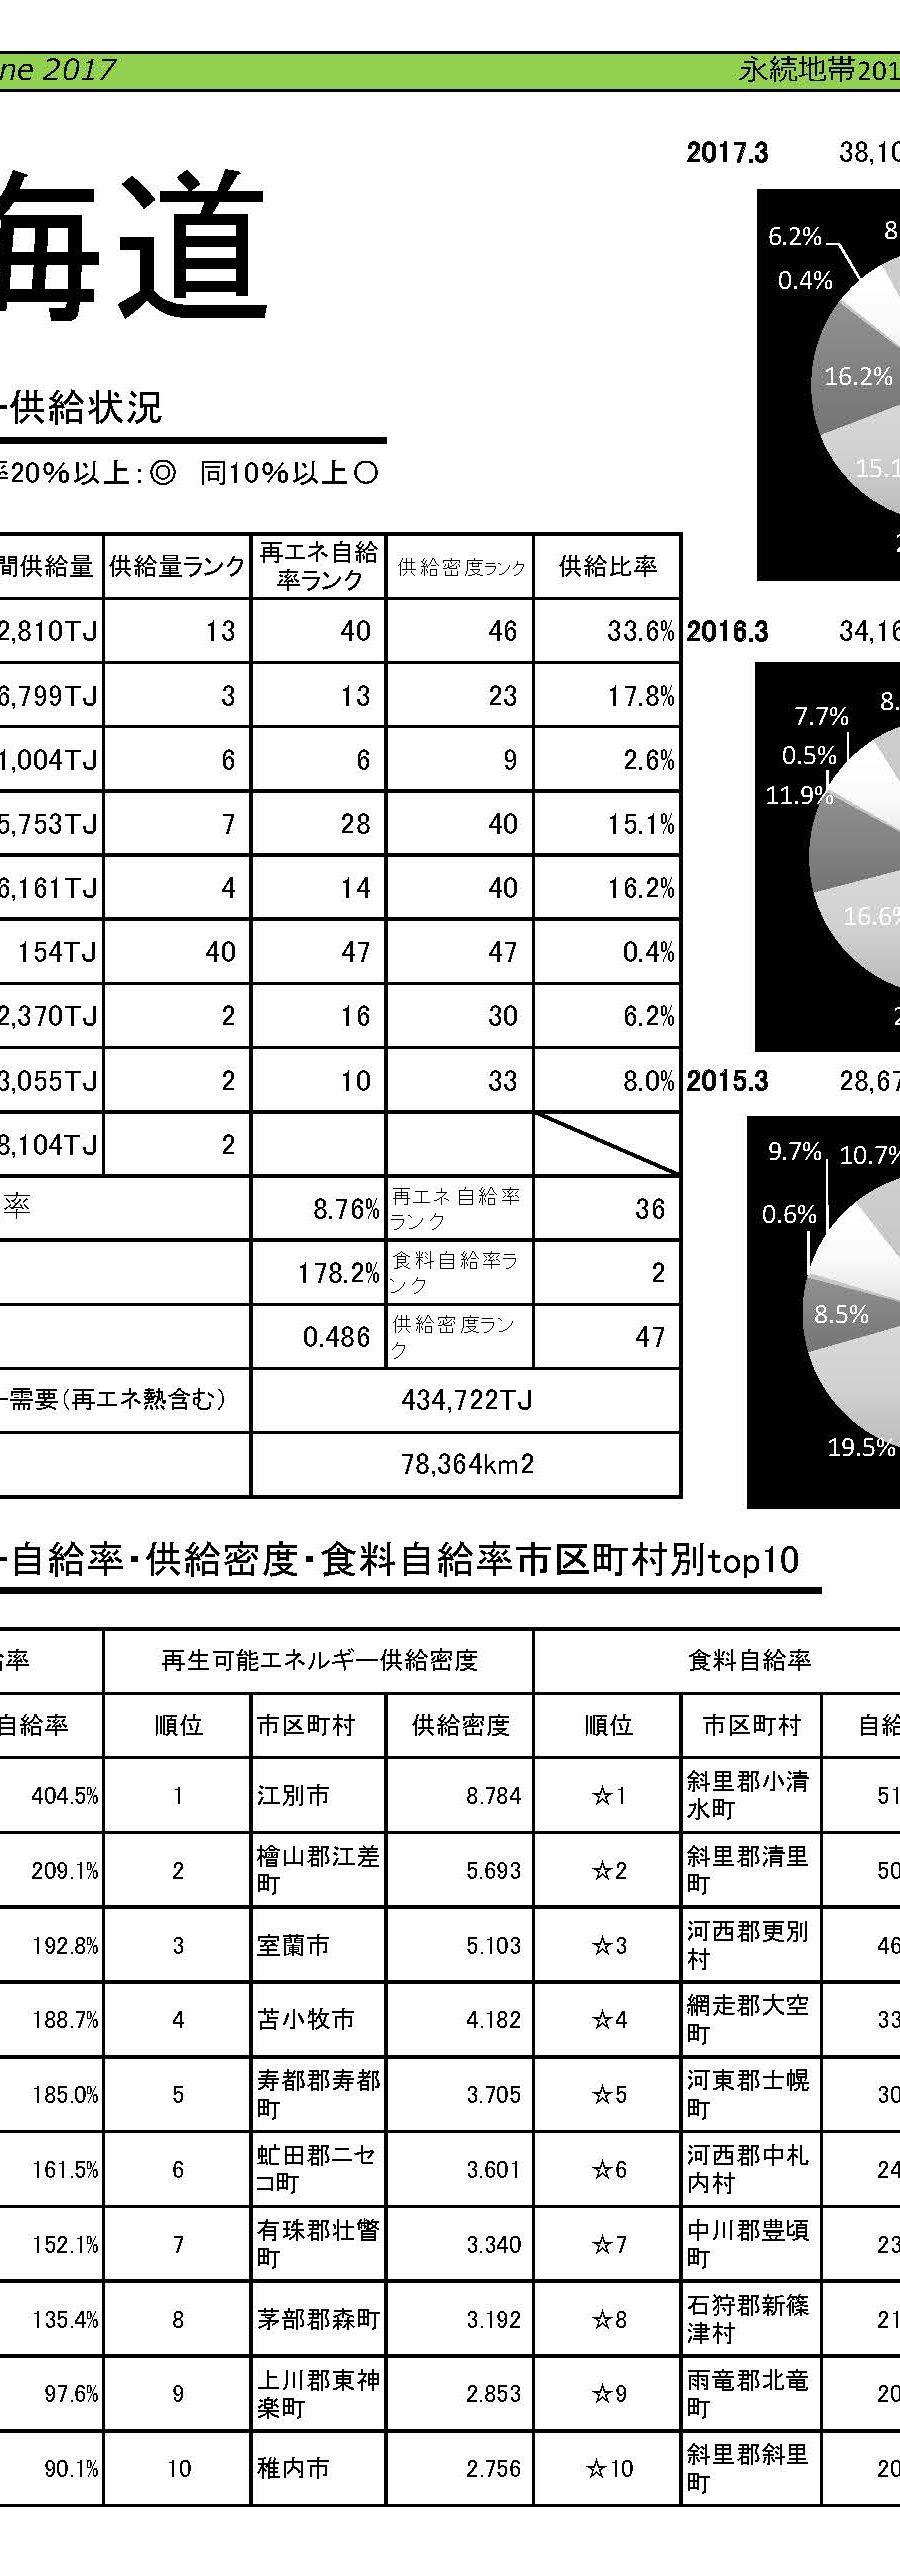 永続地帯2017年度都道府県分析